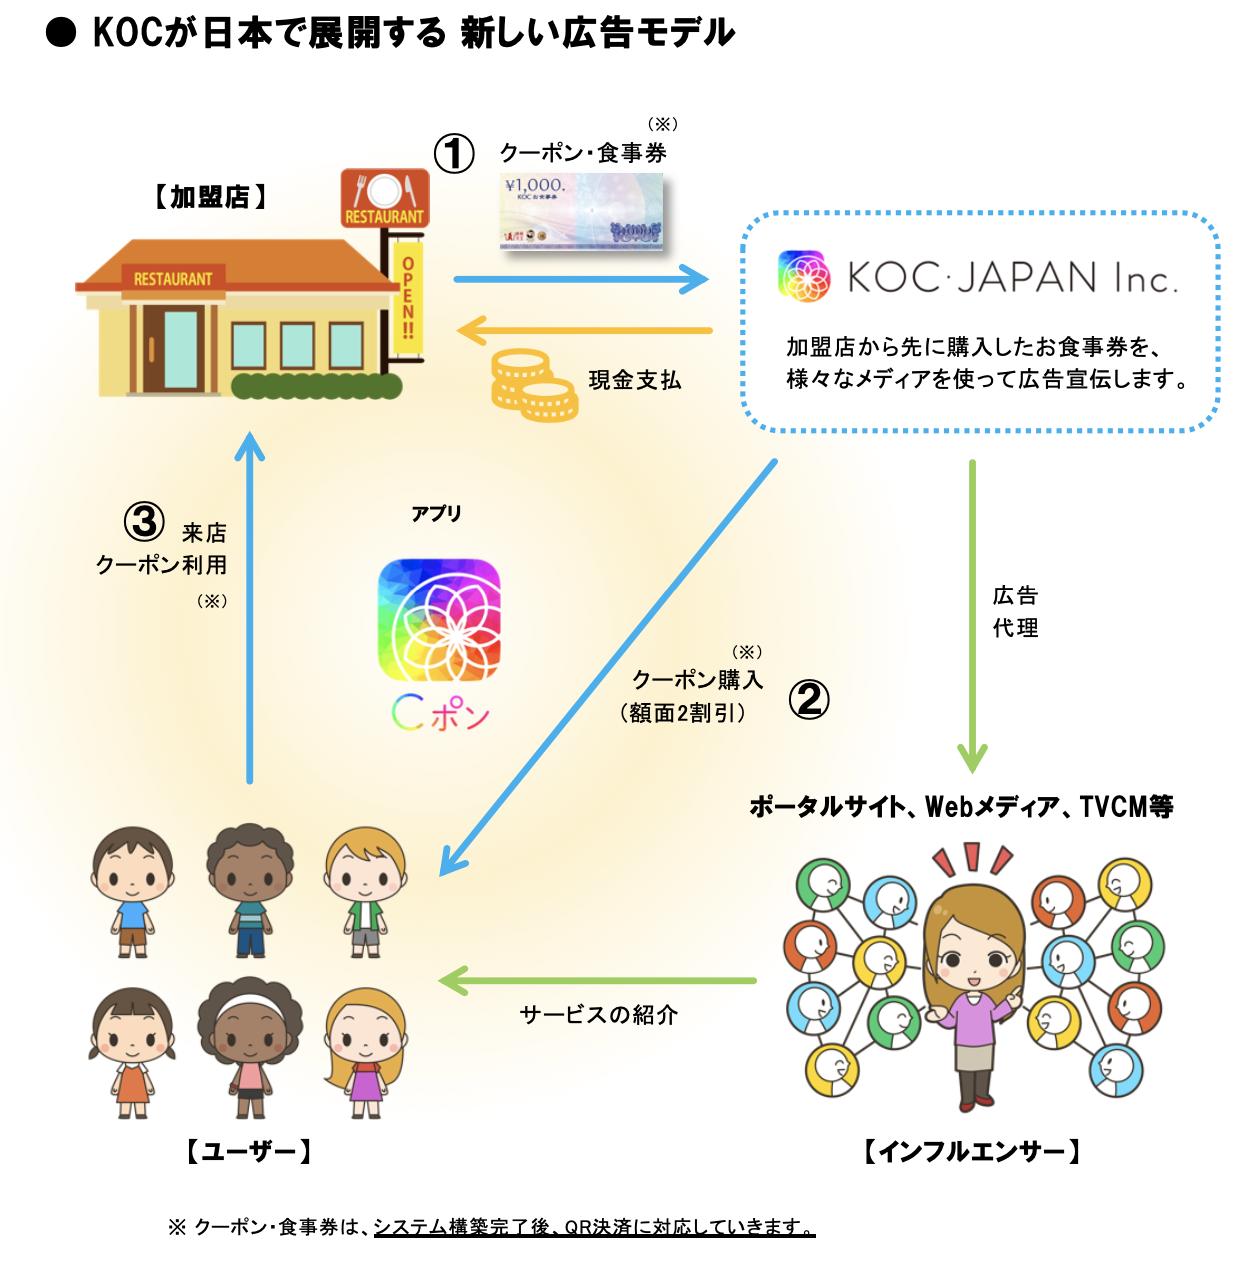 Cポンビジネスモデルイメージ